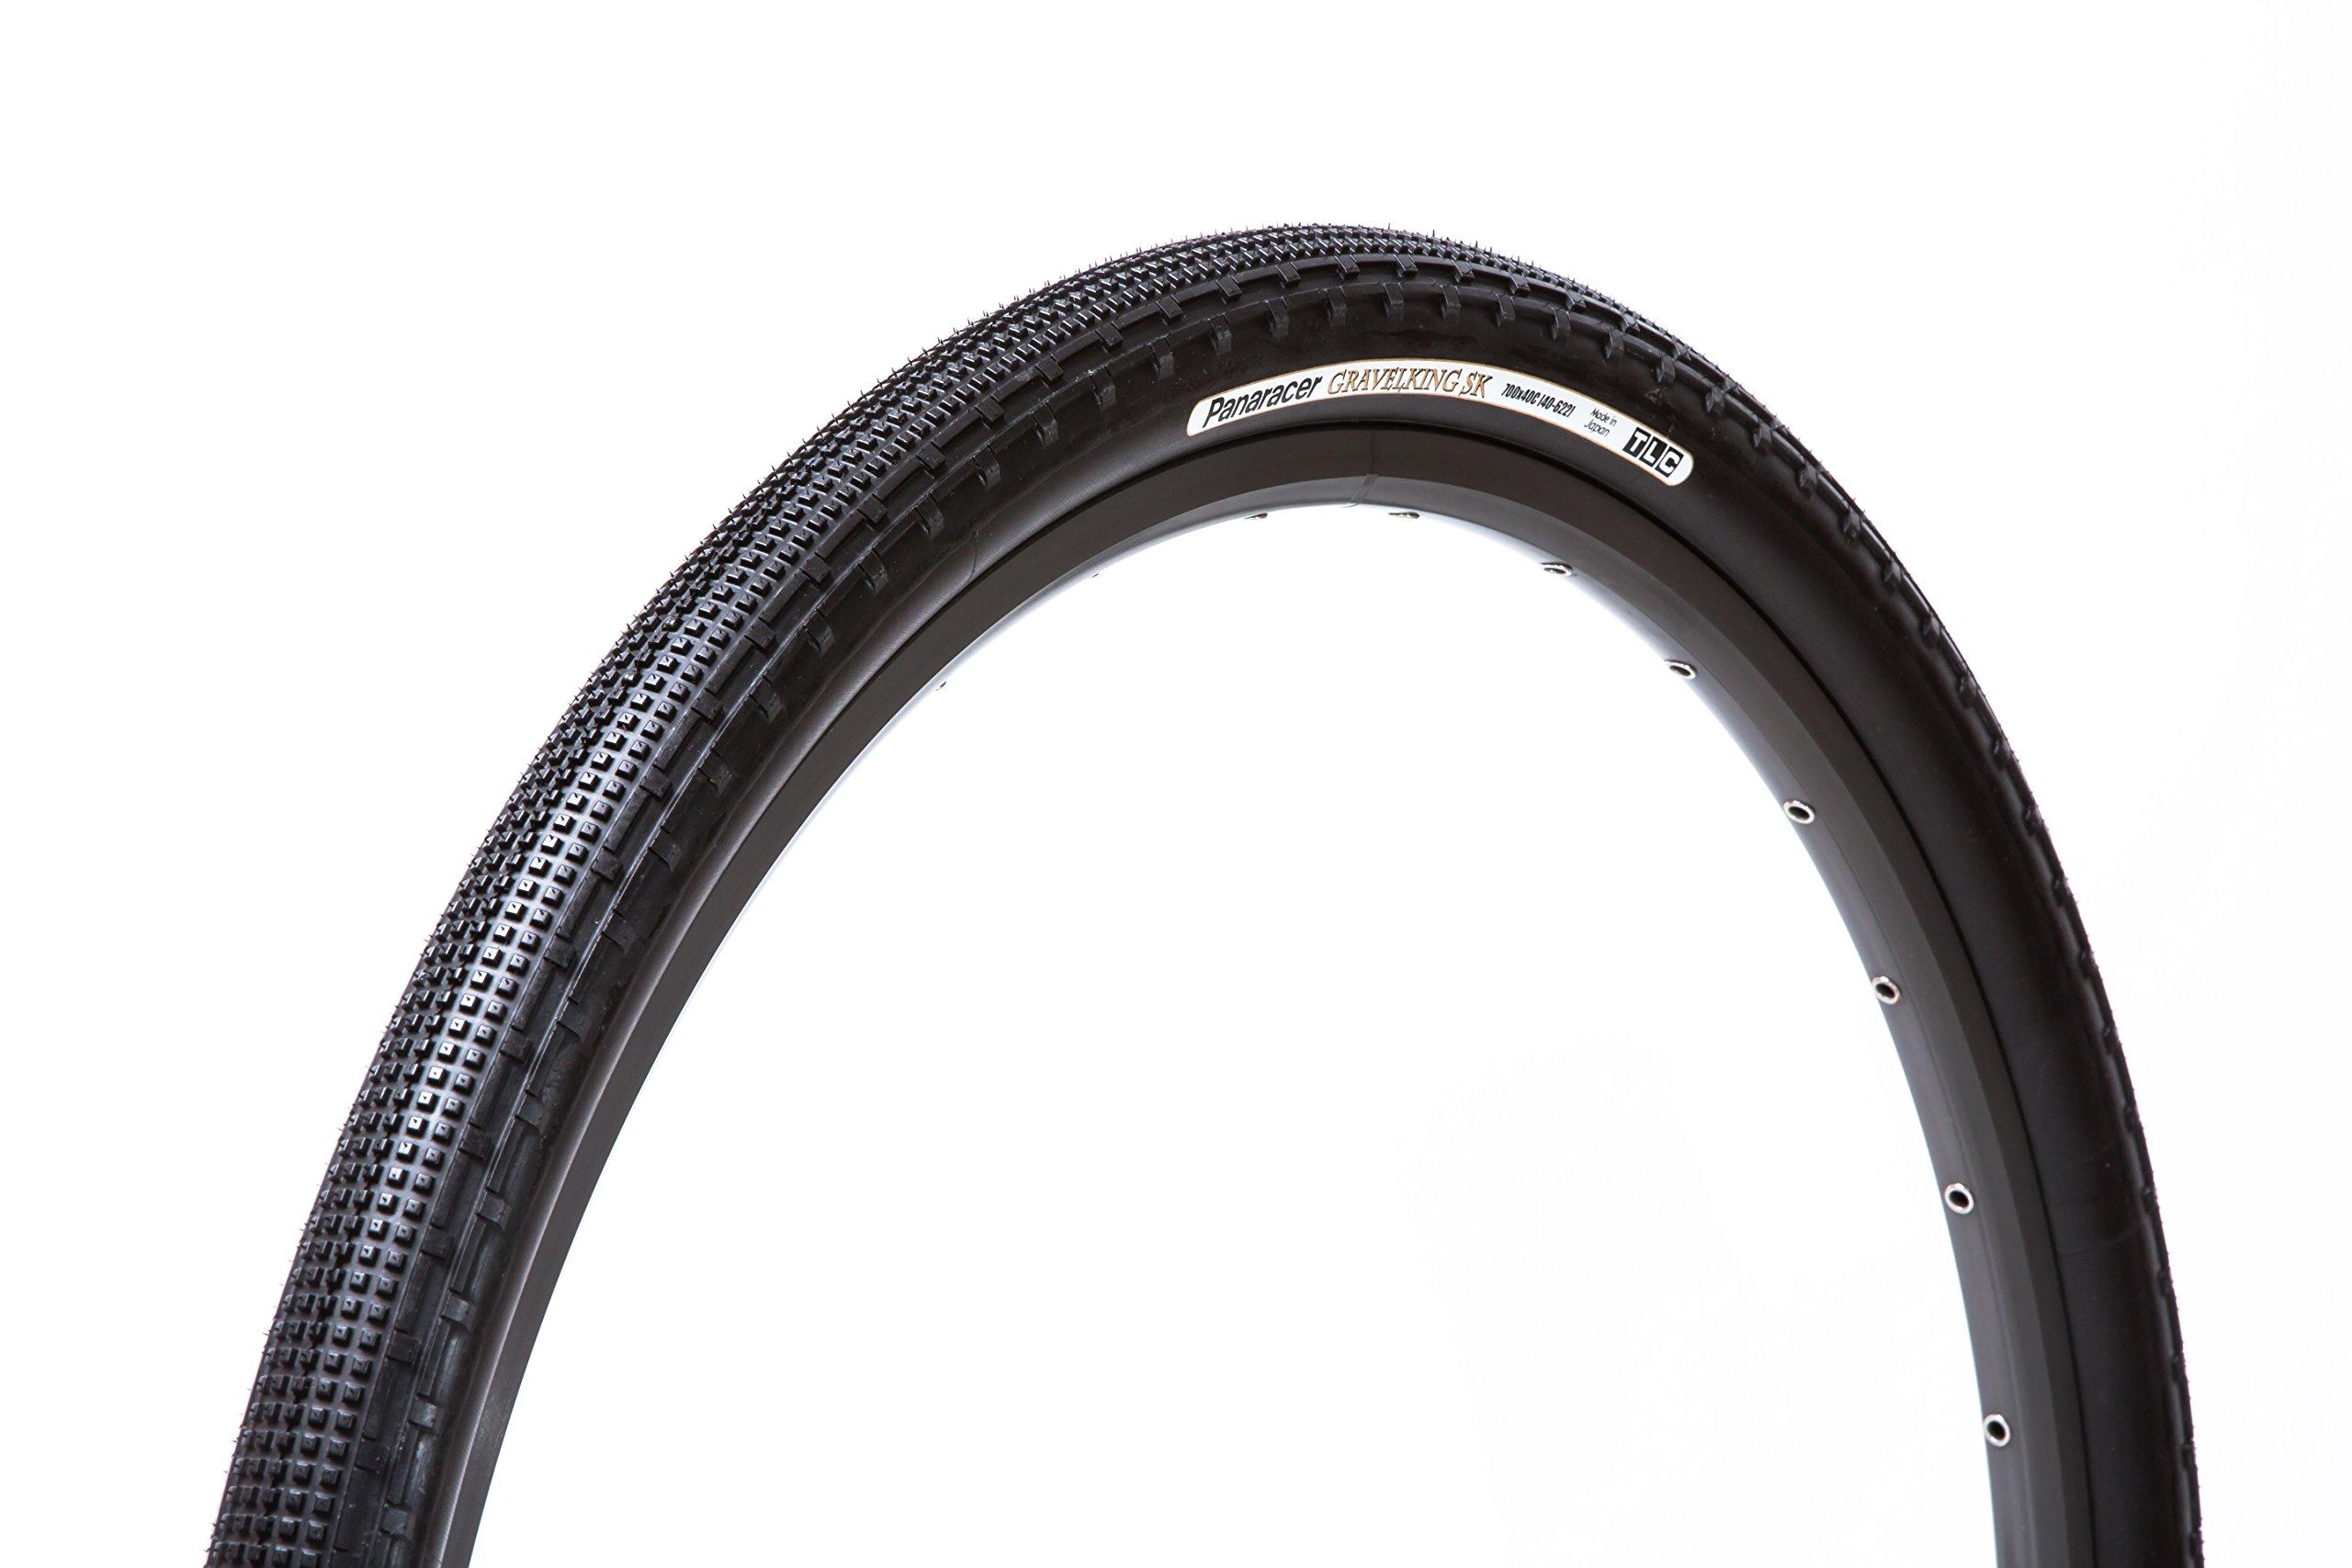 panaracer GravelKing SK 700 x 35C Folding Tire